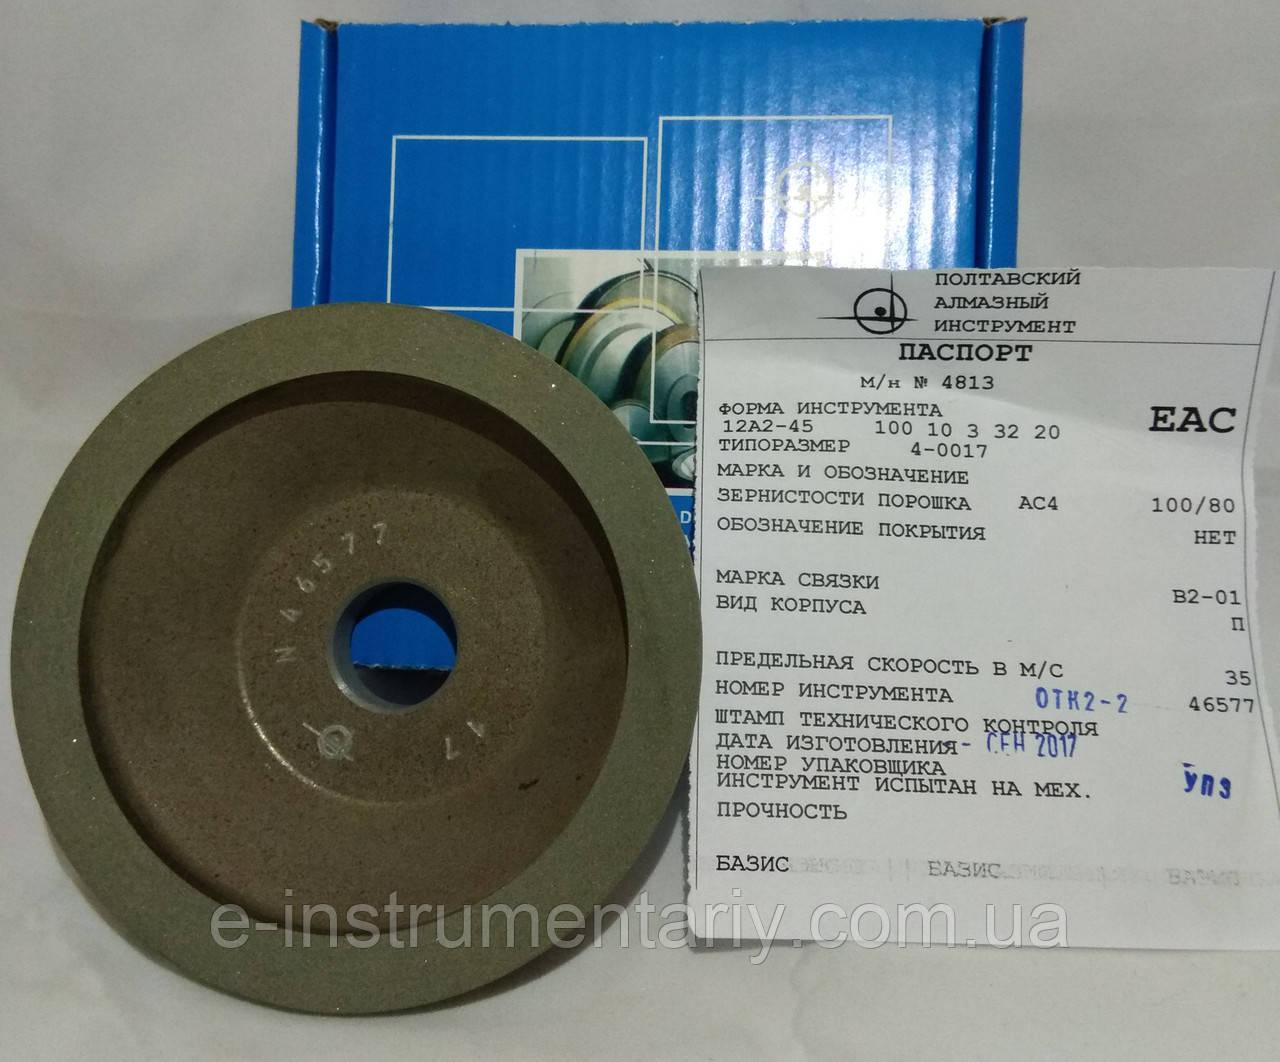 Круг алмазний шліфувальний 100х10х3х32х20 (12А2-45°)100% АС4 Зв'язка В2-01